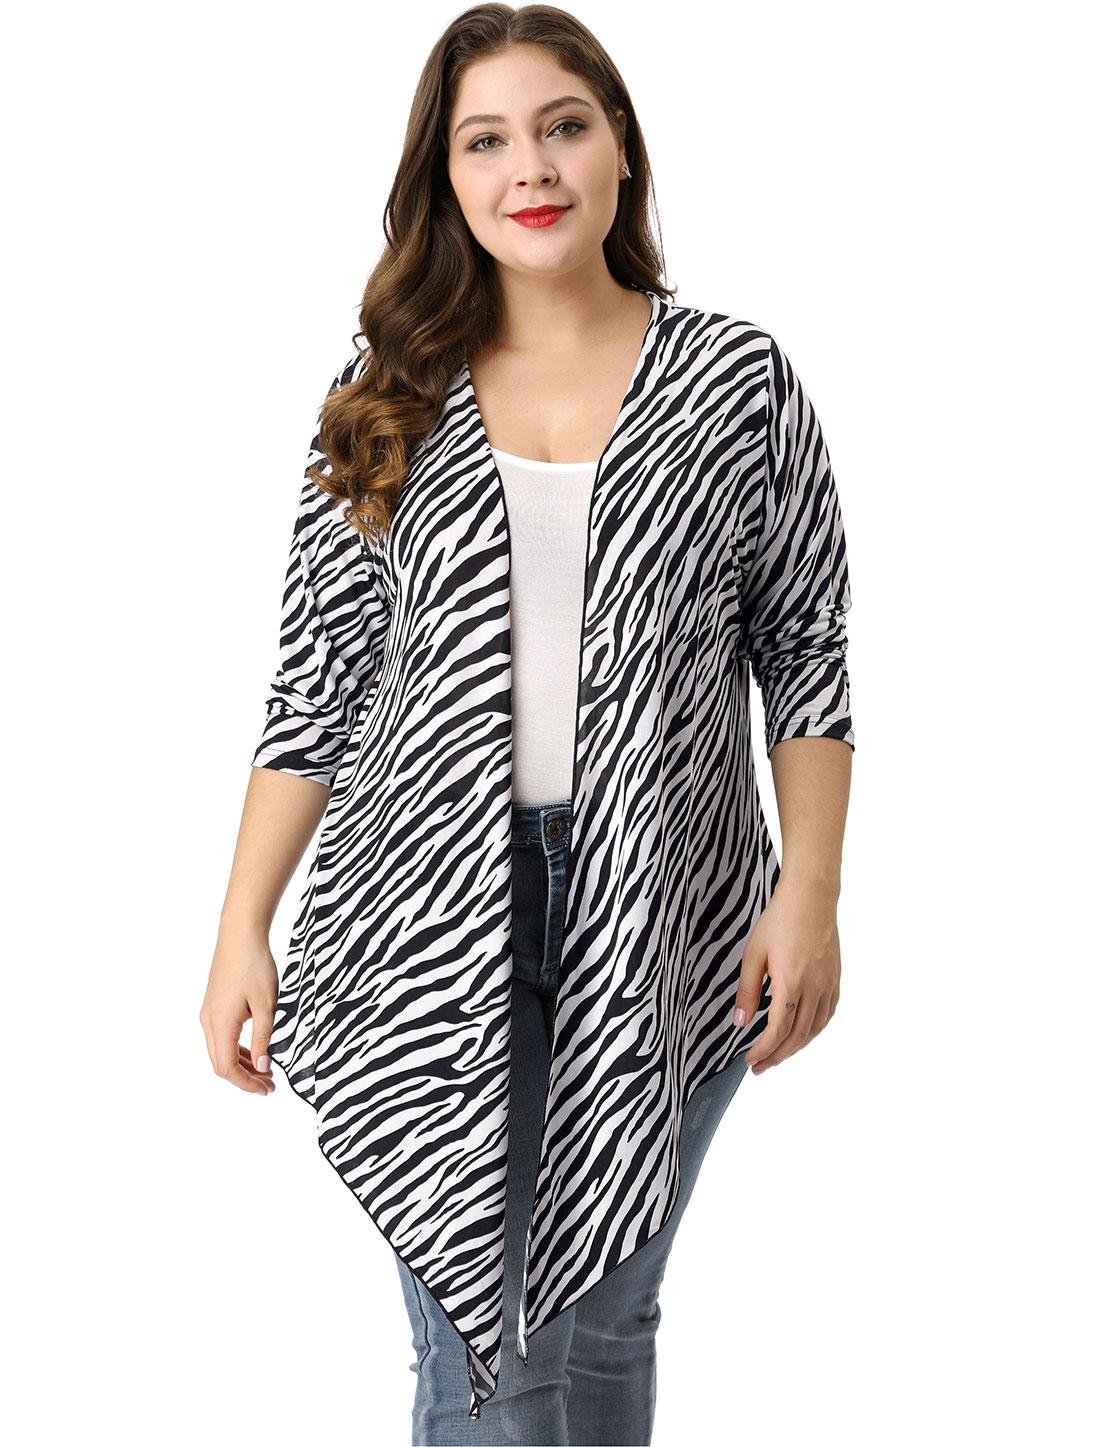 Ladies White Black Long Sleeves Leisure Stylish Plus Size Cardigan 3X